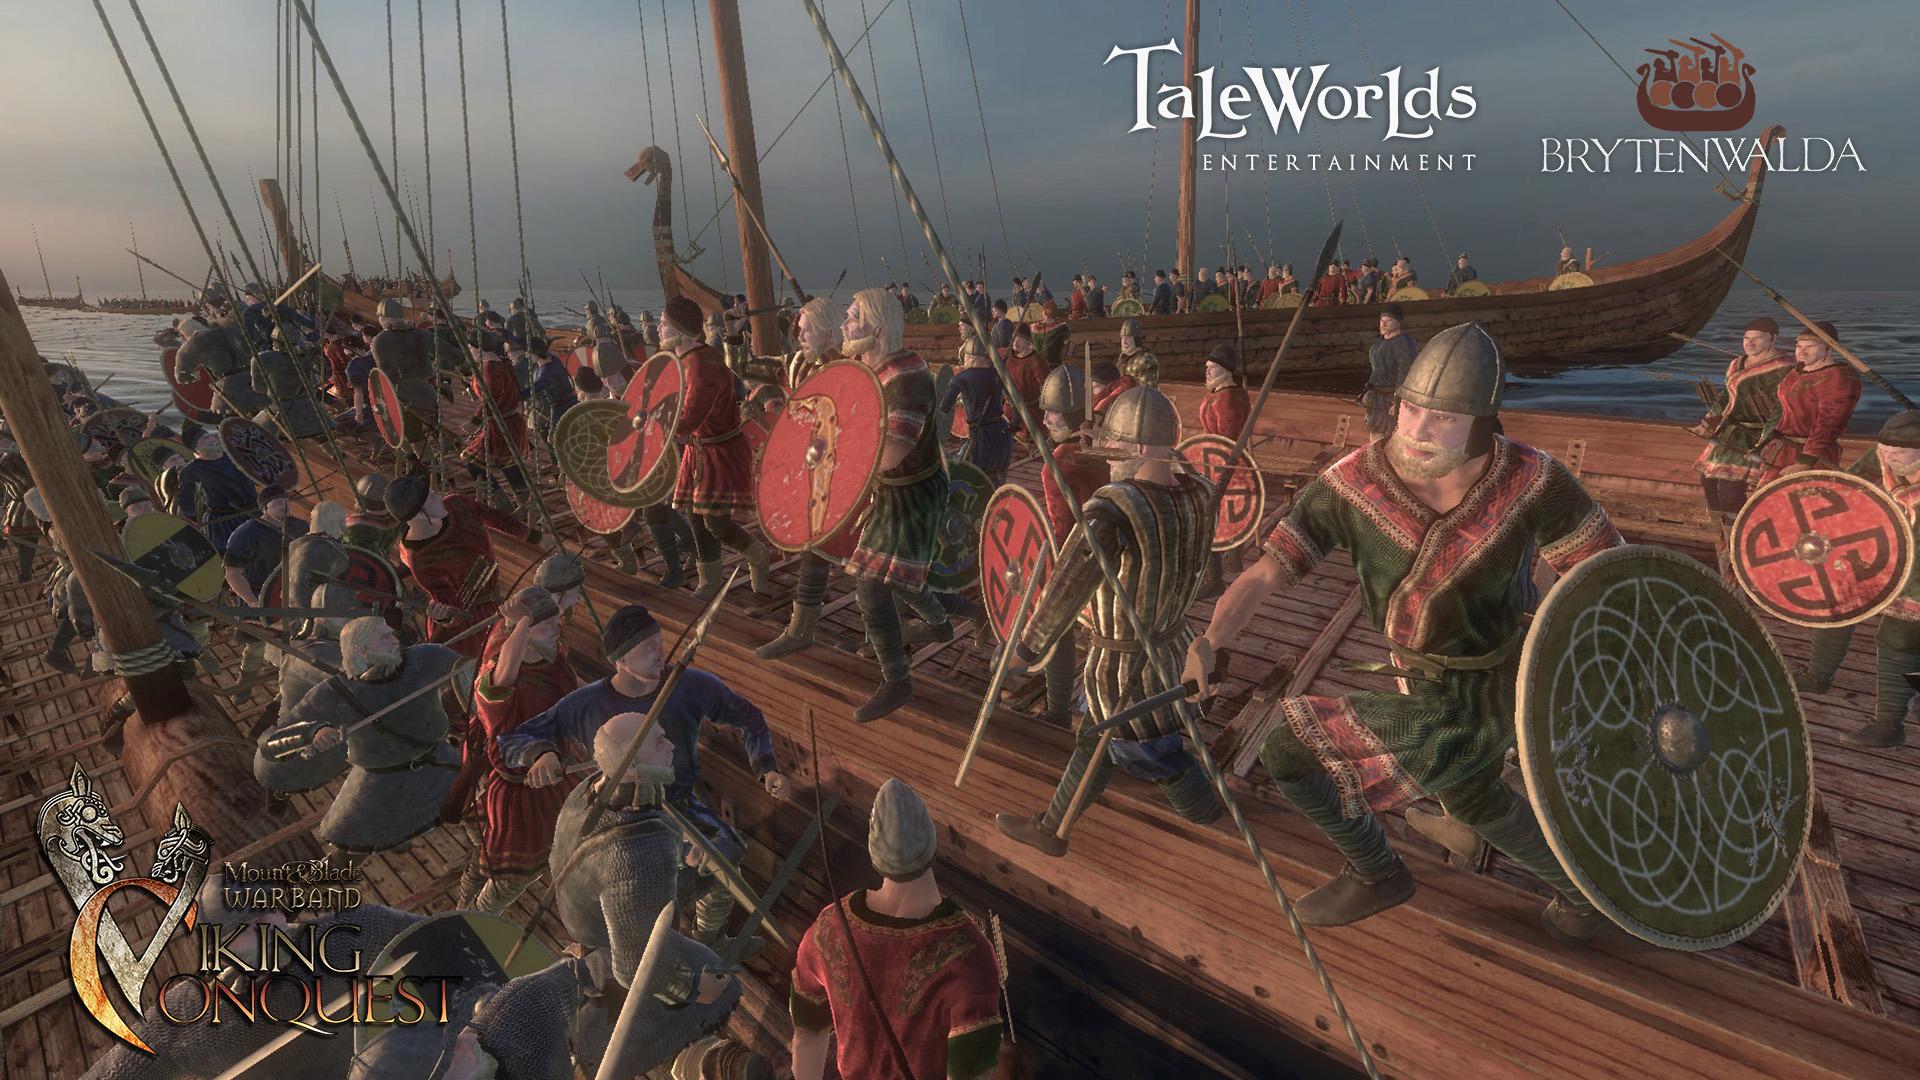 骑马与砍杀:战团-维京征服游戏图片欣赏